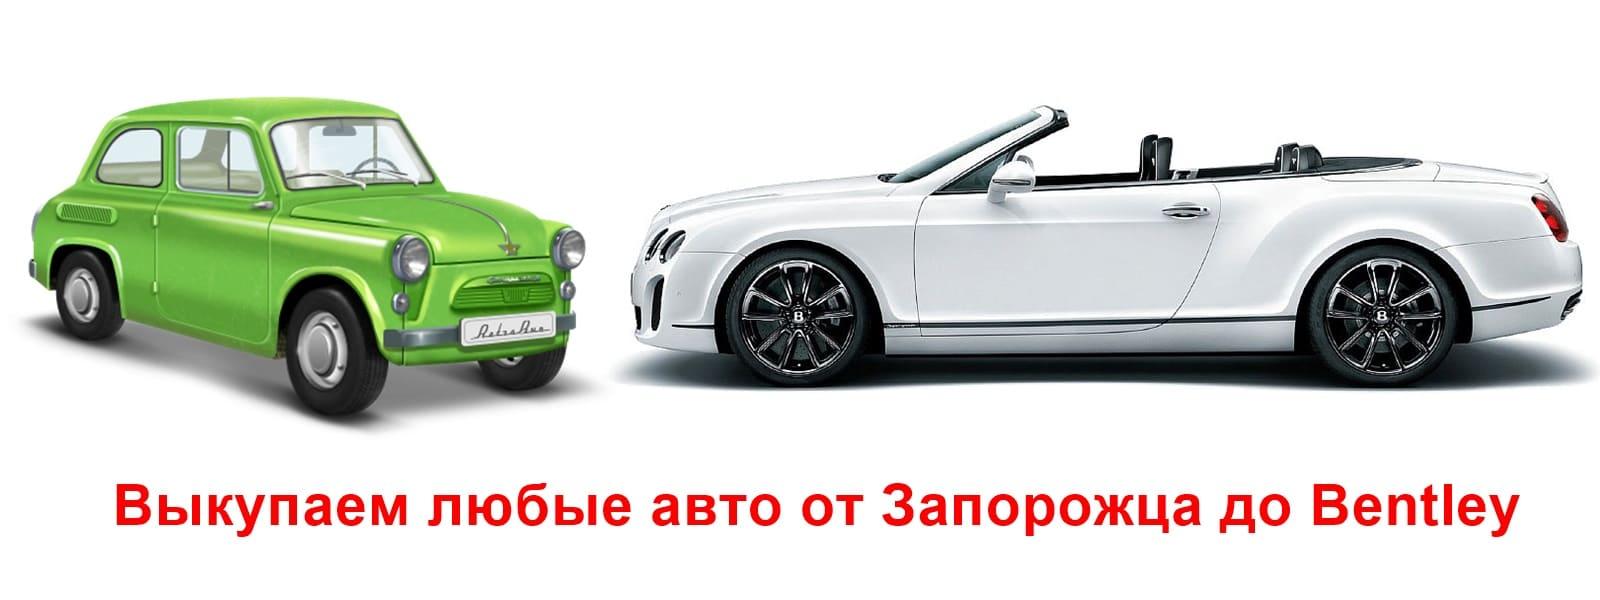 Выкуп любых авто в Краснодаре.